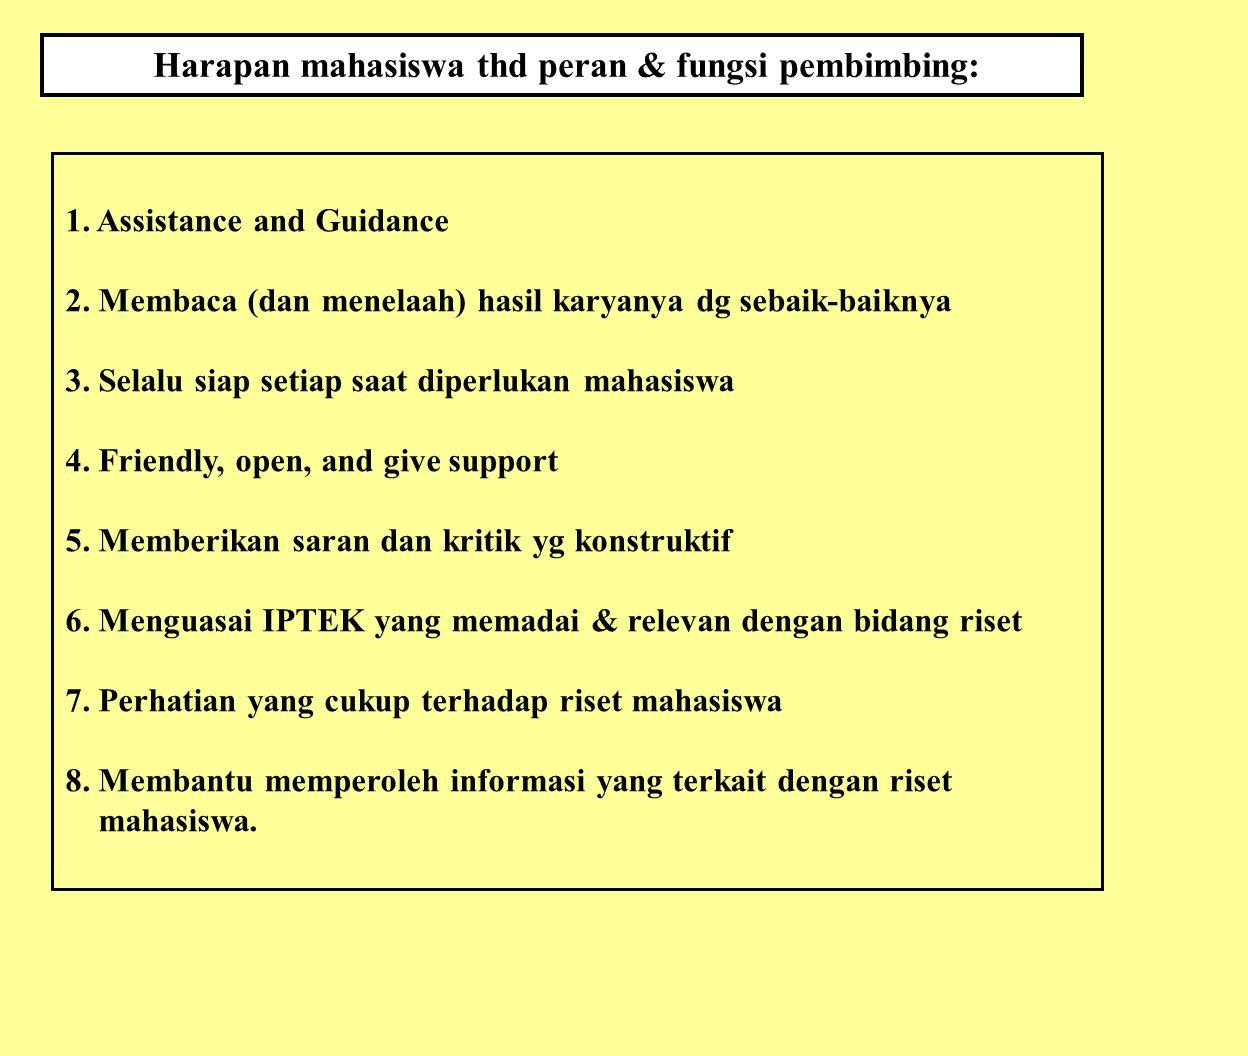 Harapan mahasiswa thd peran & fungsi pembimbing: 1. Assistance and Guidance 2. Membaca (dan menelaah) hasil karyanya dg sebaik-baiknya 3. Selalu siap